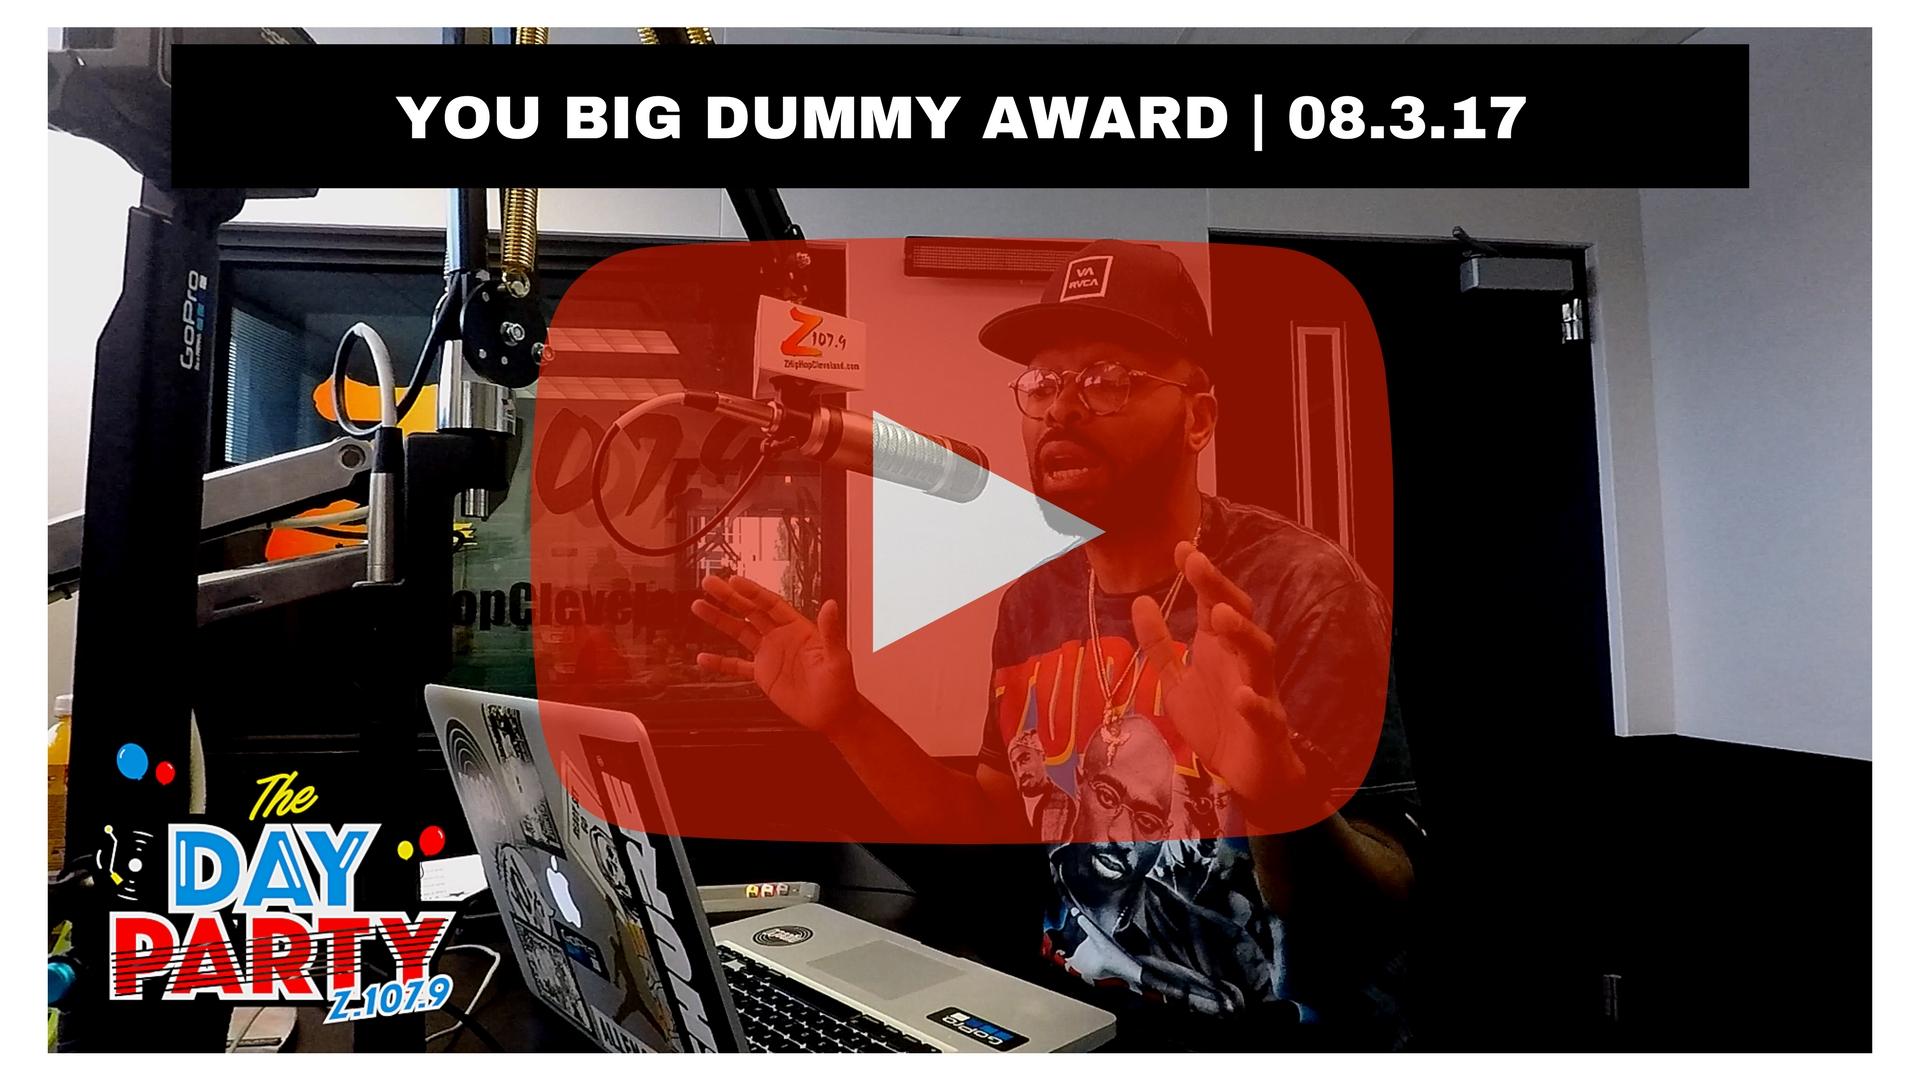 YOU BIG DUMMY AWARD _08.-3.17